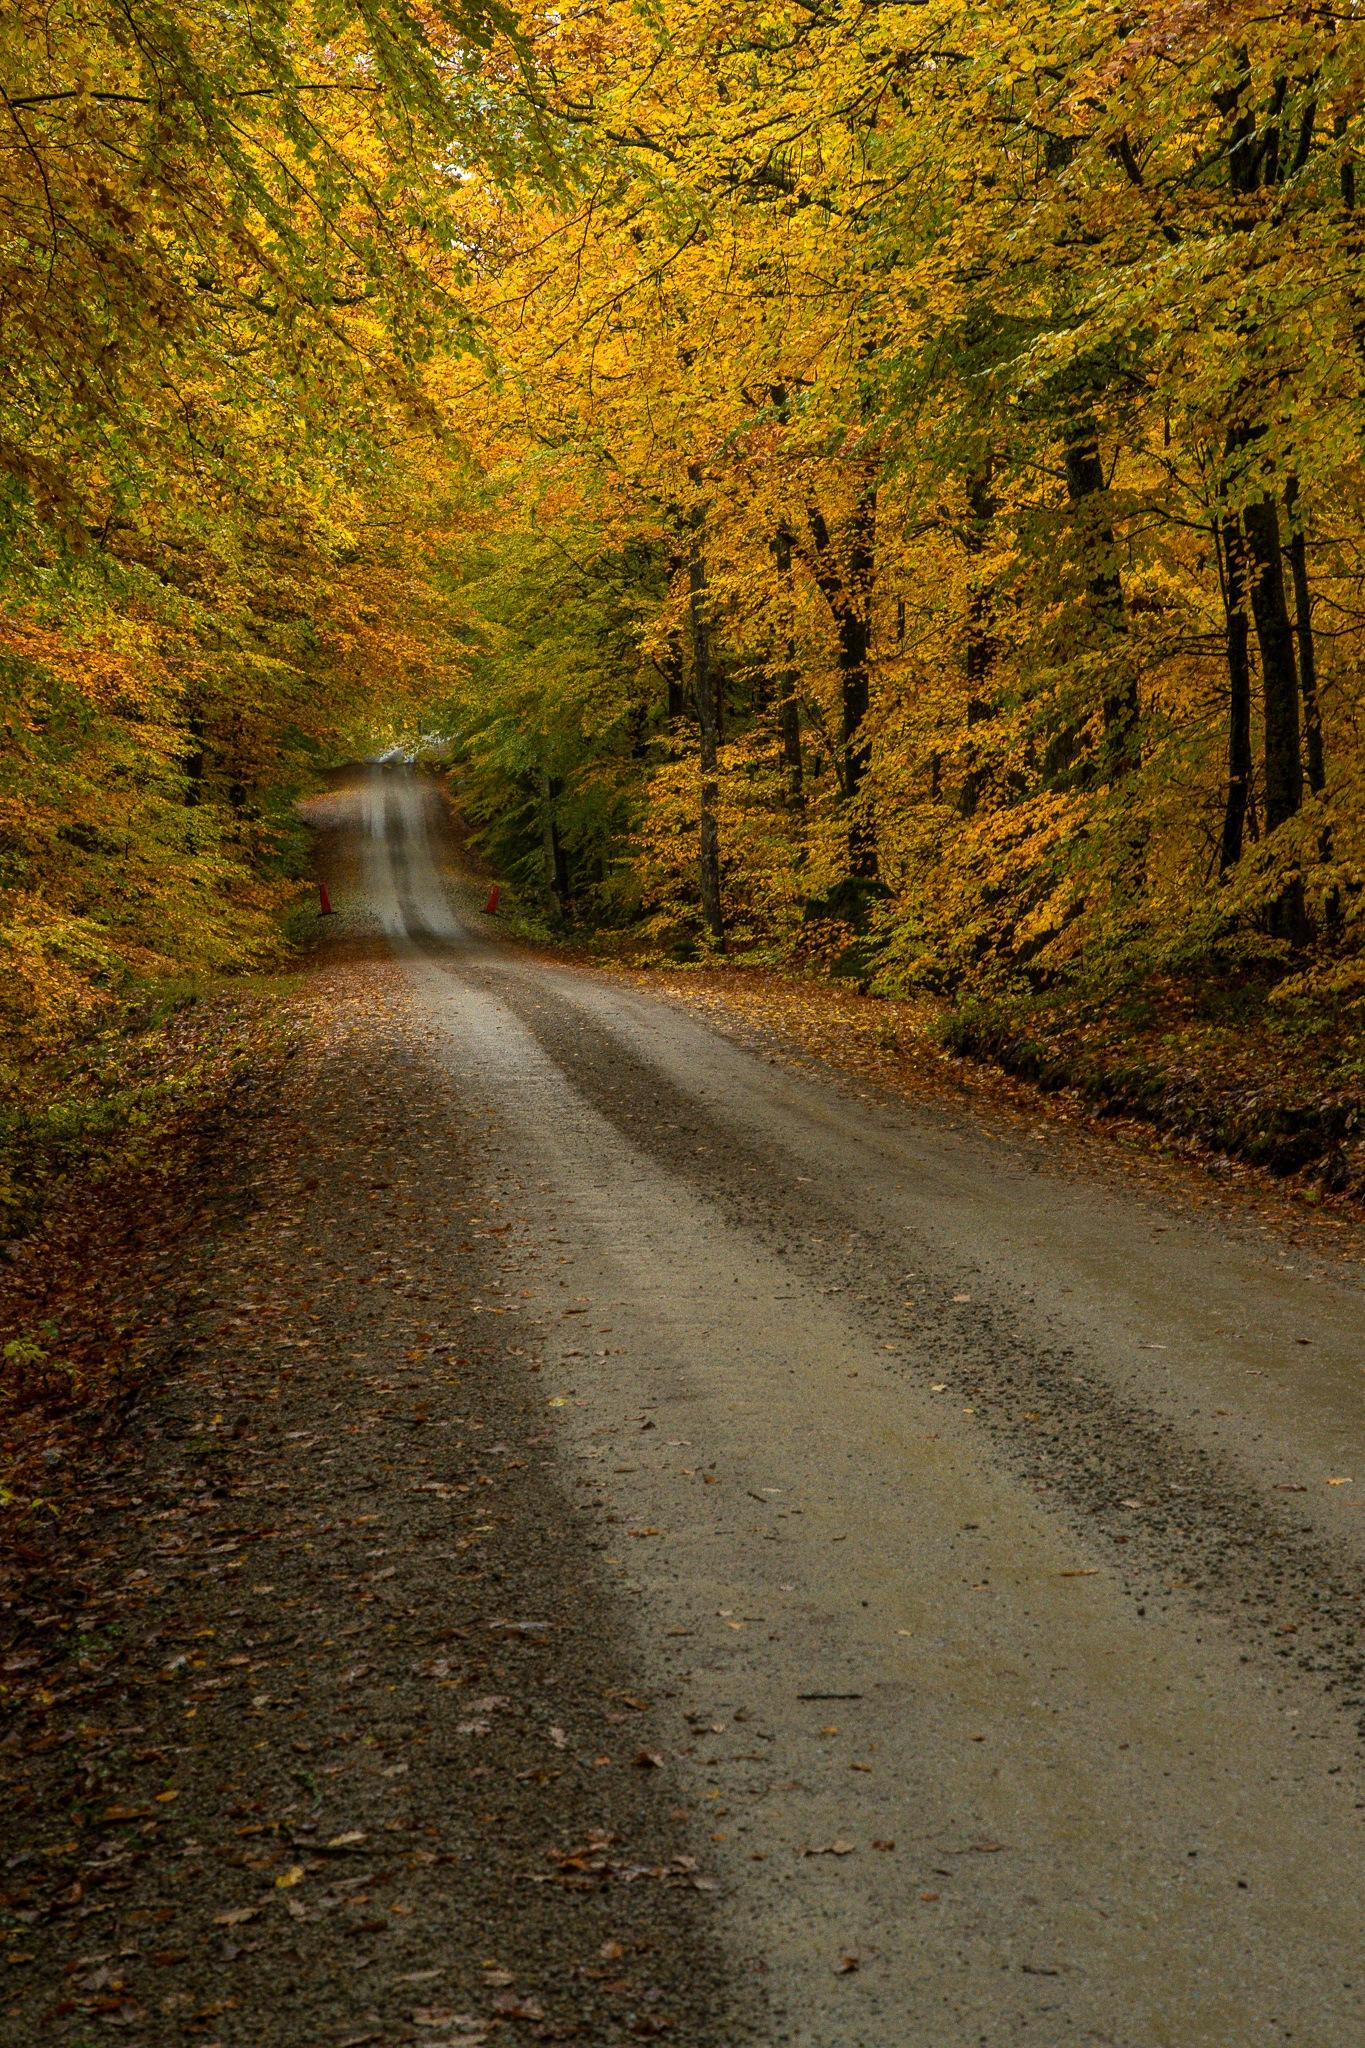 Yellow dirt road by Håkan Liljenberg